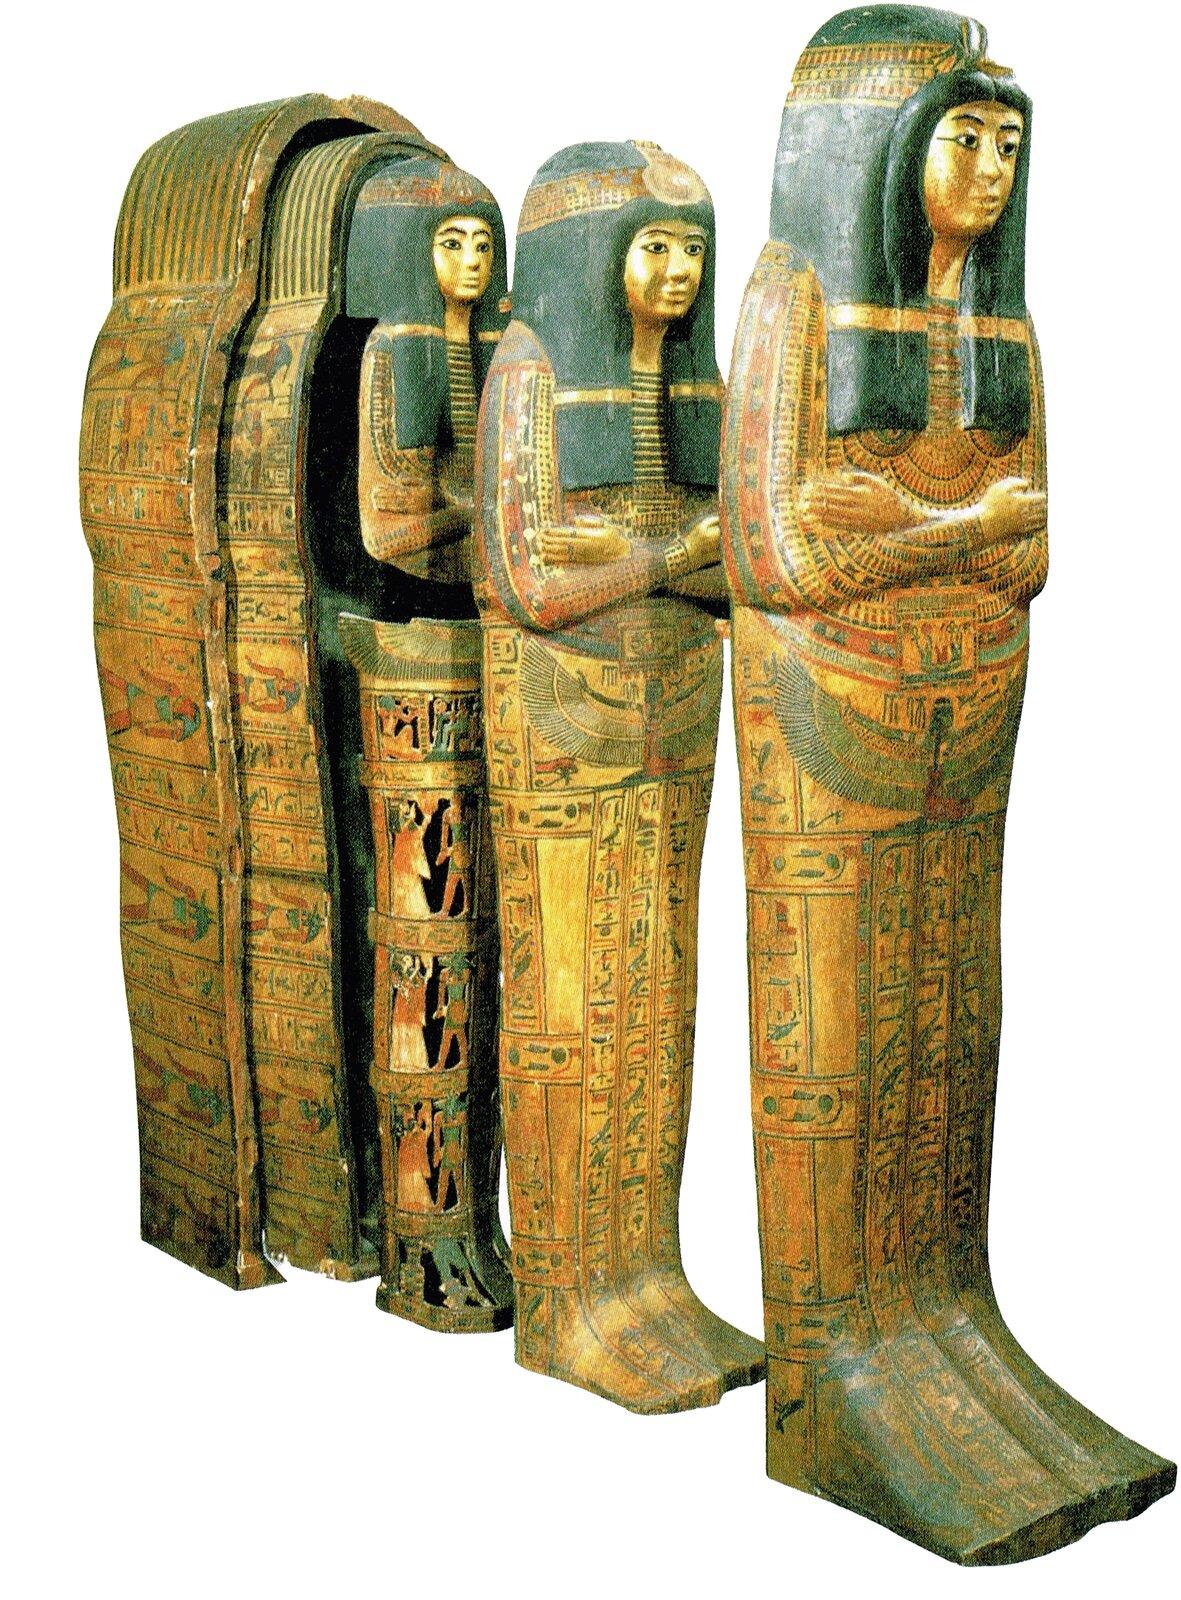 Sarkofag kobiety zXI-X wieku p.n.e., obecnie przechowywany wLuwrze wParyżu Sarkofag kobiety zXI-X wieku p.n.e., obecnie przechowywany wLuwrze wParyżu Źródło: Musée du Louvre, tylko do użytku edukacyjnego.